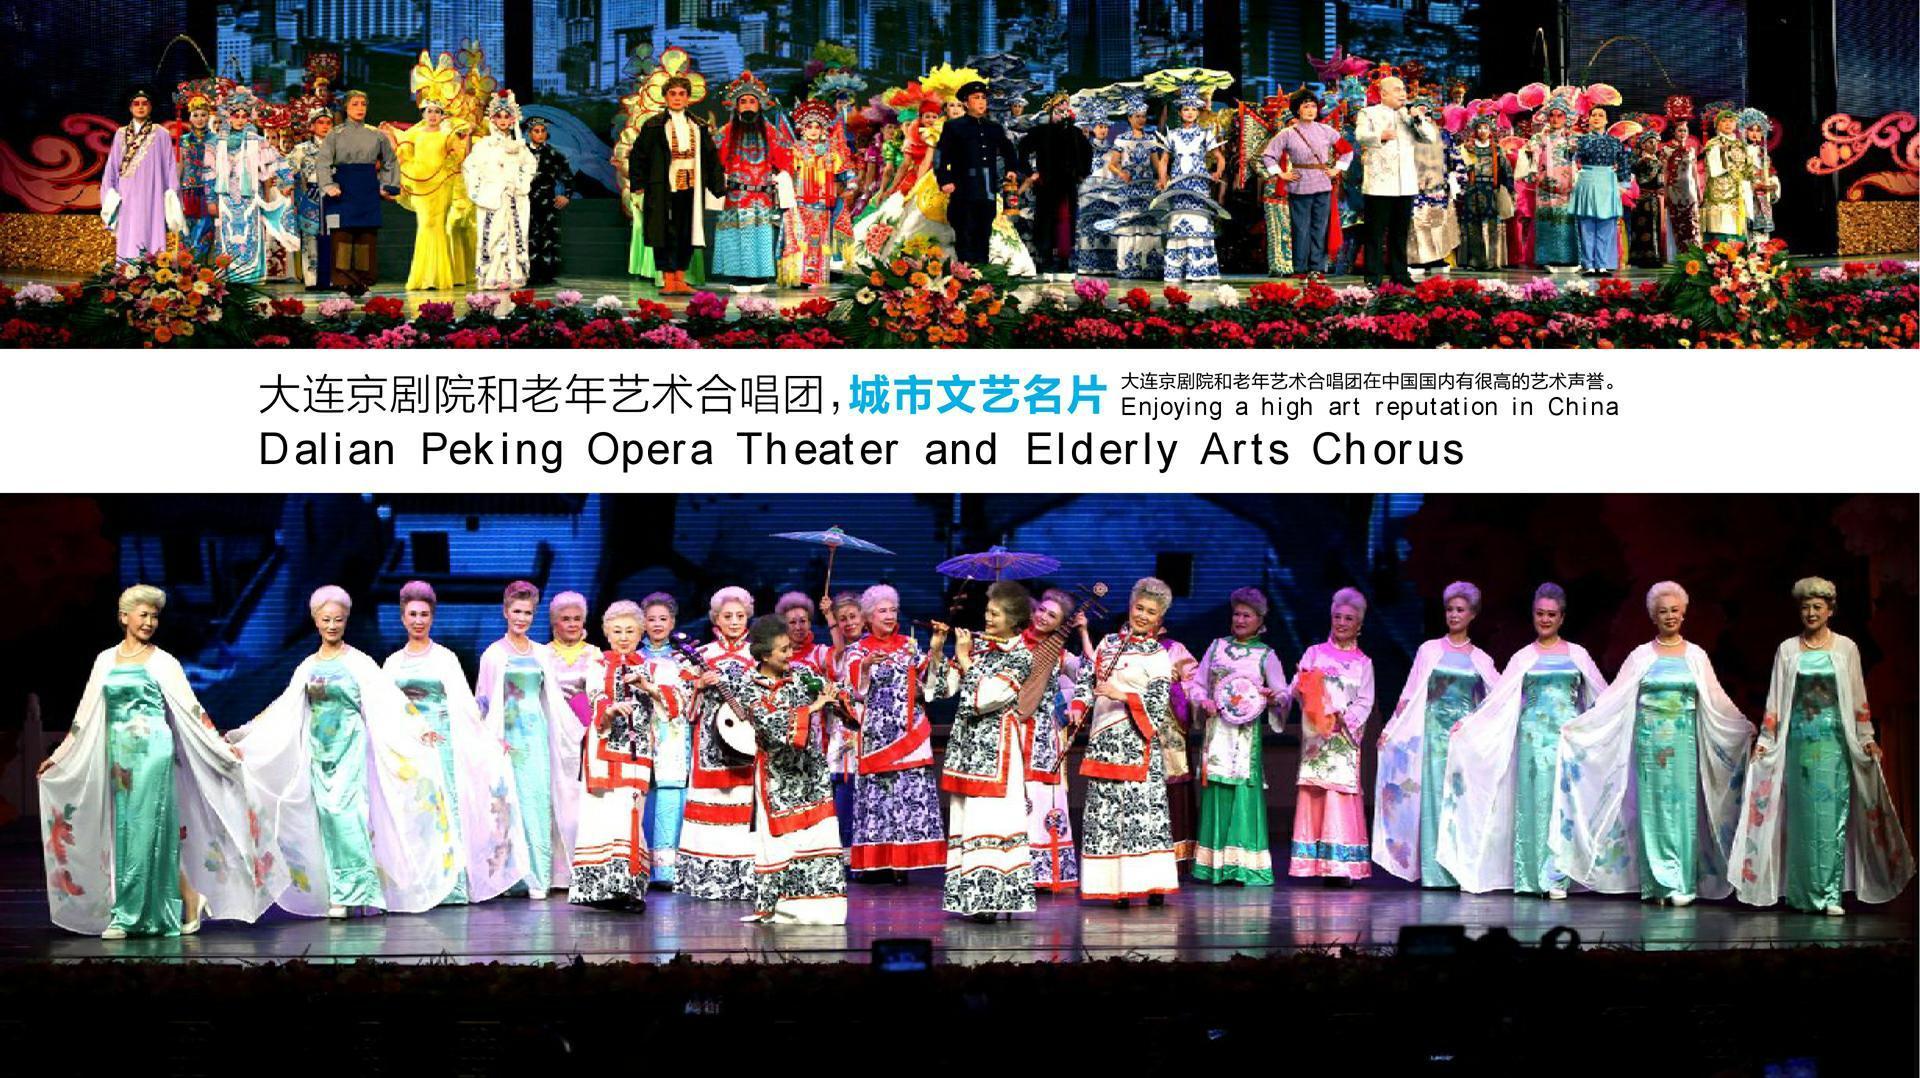 大连京剧院和老年艺术合唱团,城市文艺名片。